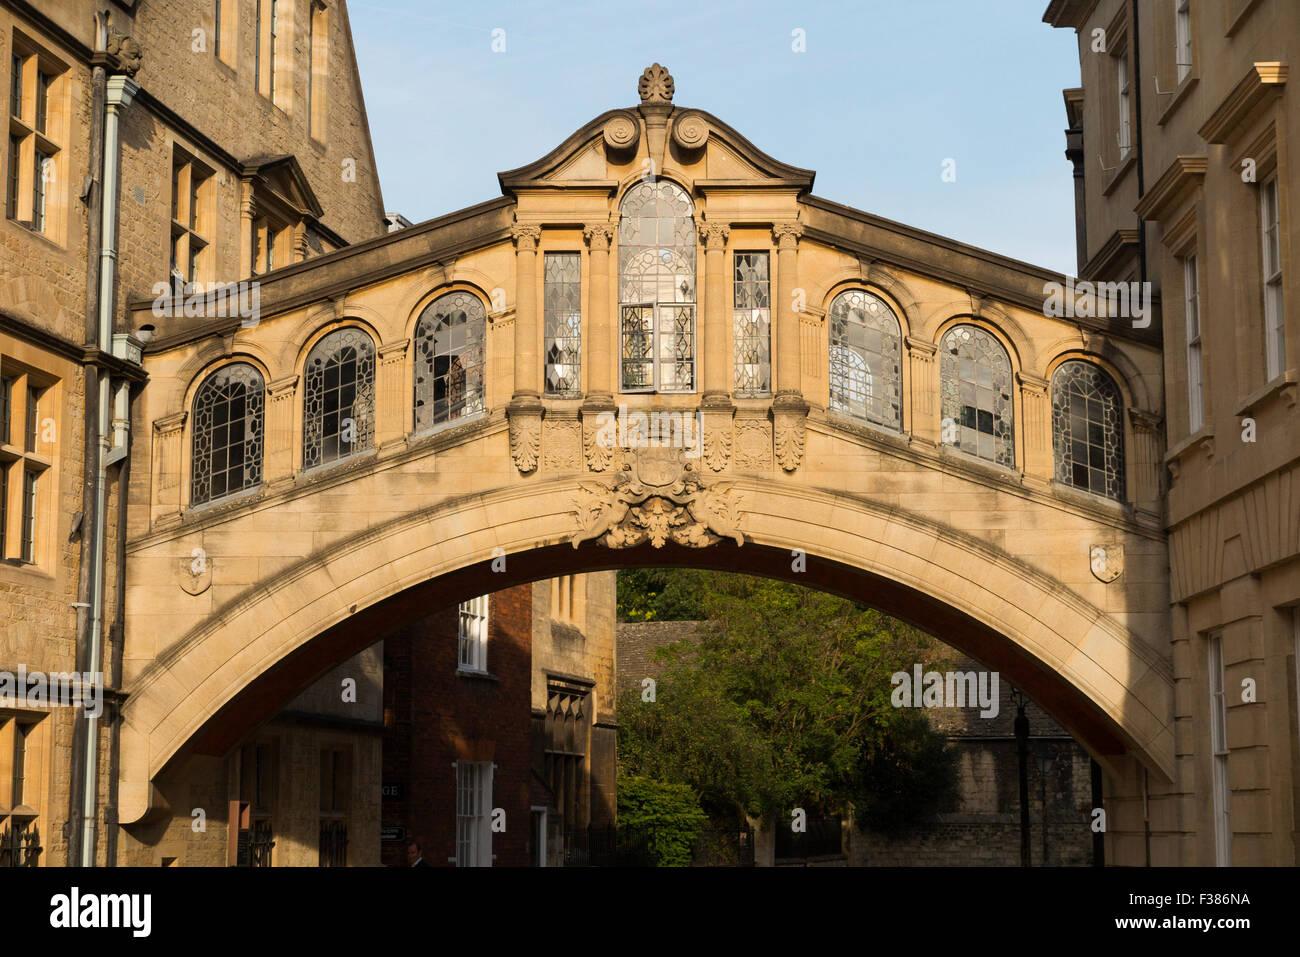 Die Hertford Brücke, im Volksmund bekannt als die Seufzerbrücke, New College Lane, Oxford, Oxfordshire, Stockbild